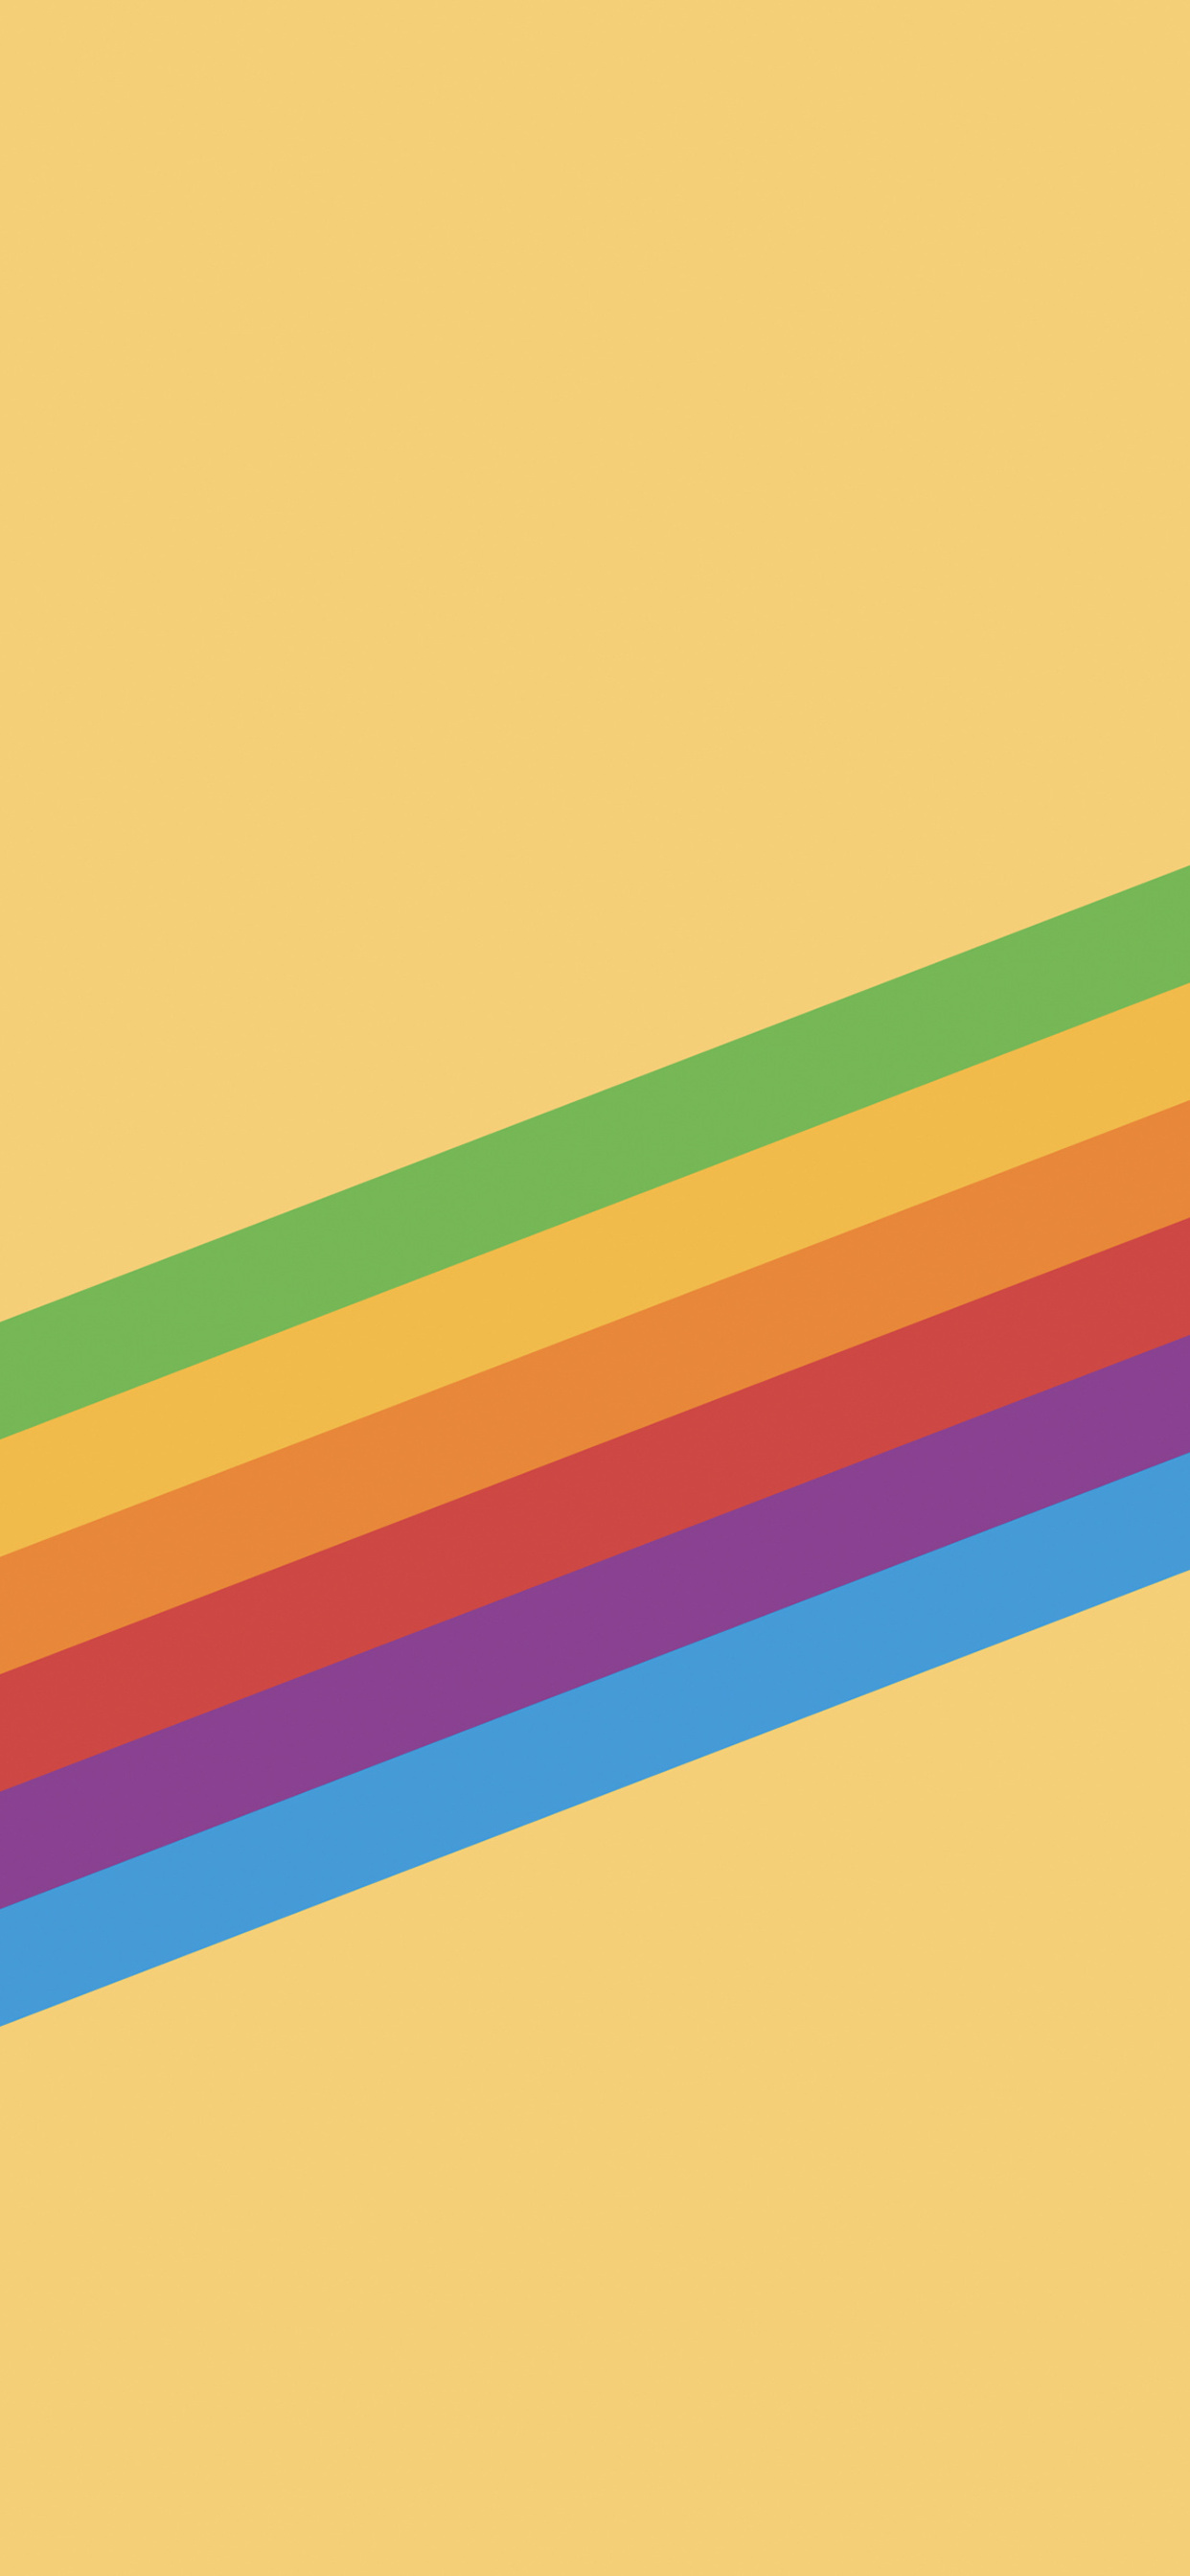 1242x2688 Ios 11 Heritage Stripe Yellow Iphone Xs Max Hd 4k